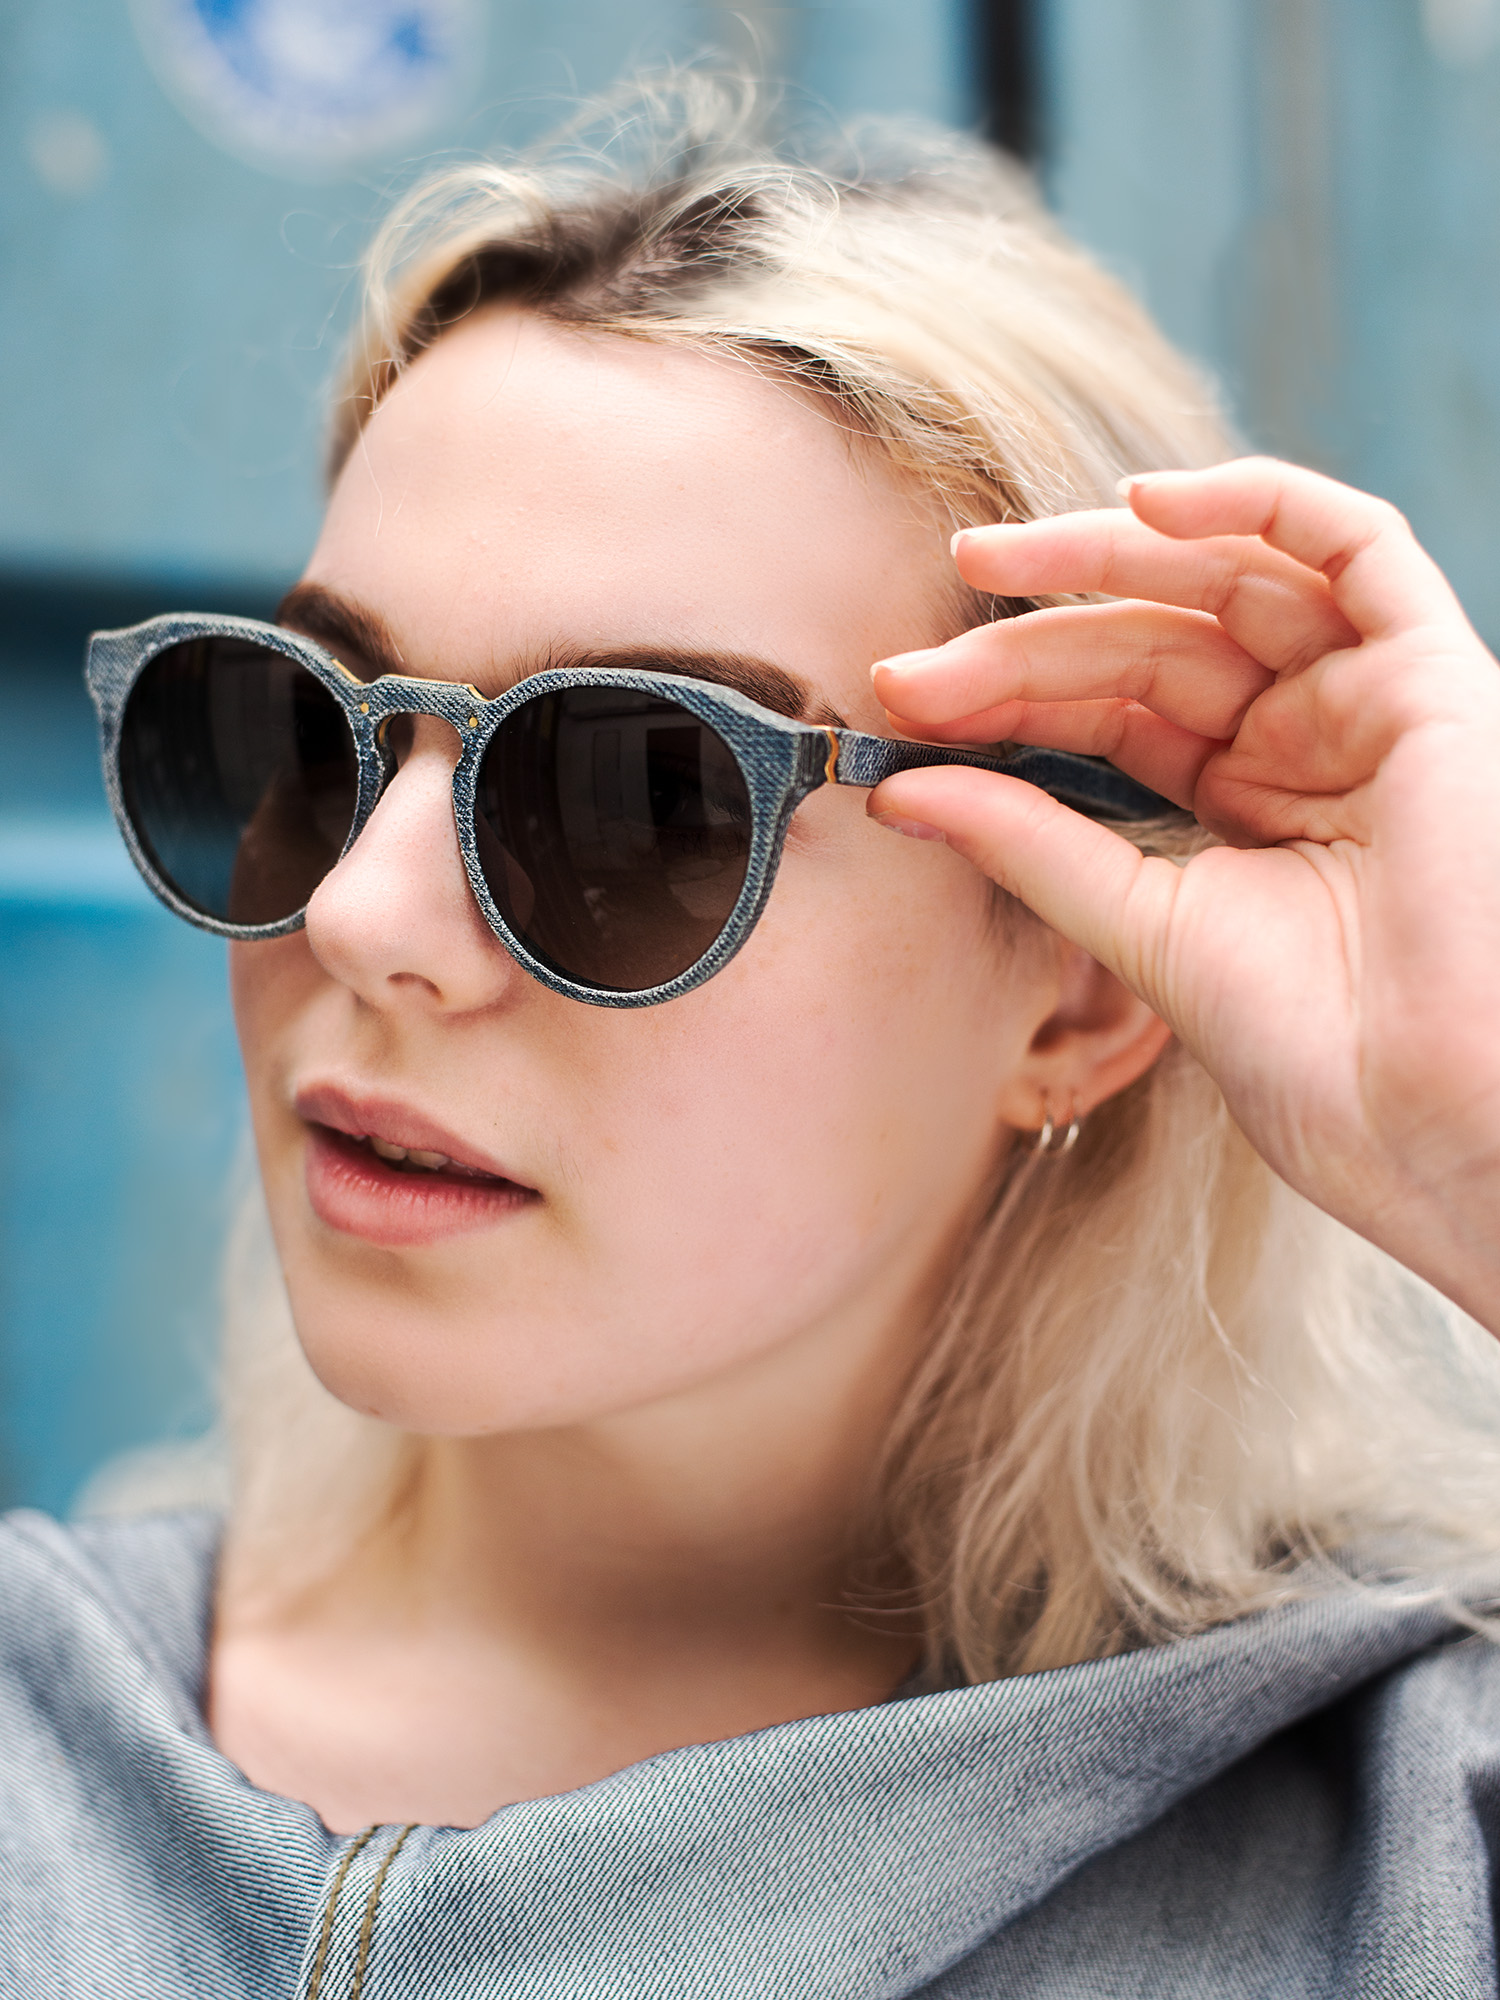 Work for  Mosevic  sunglasses. Glasses handmade from 100% recycled denim. Model:  Kepler  in blue.